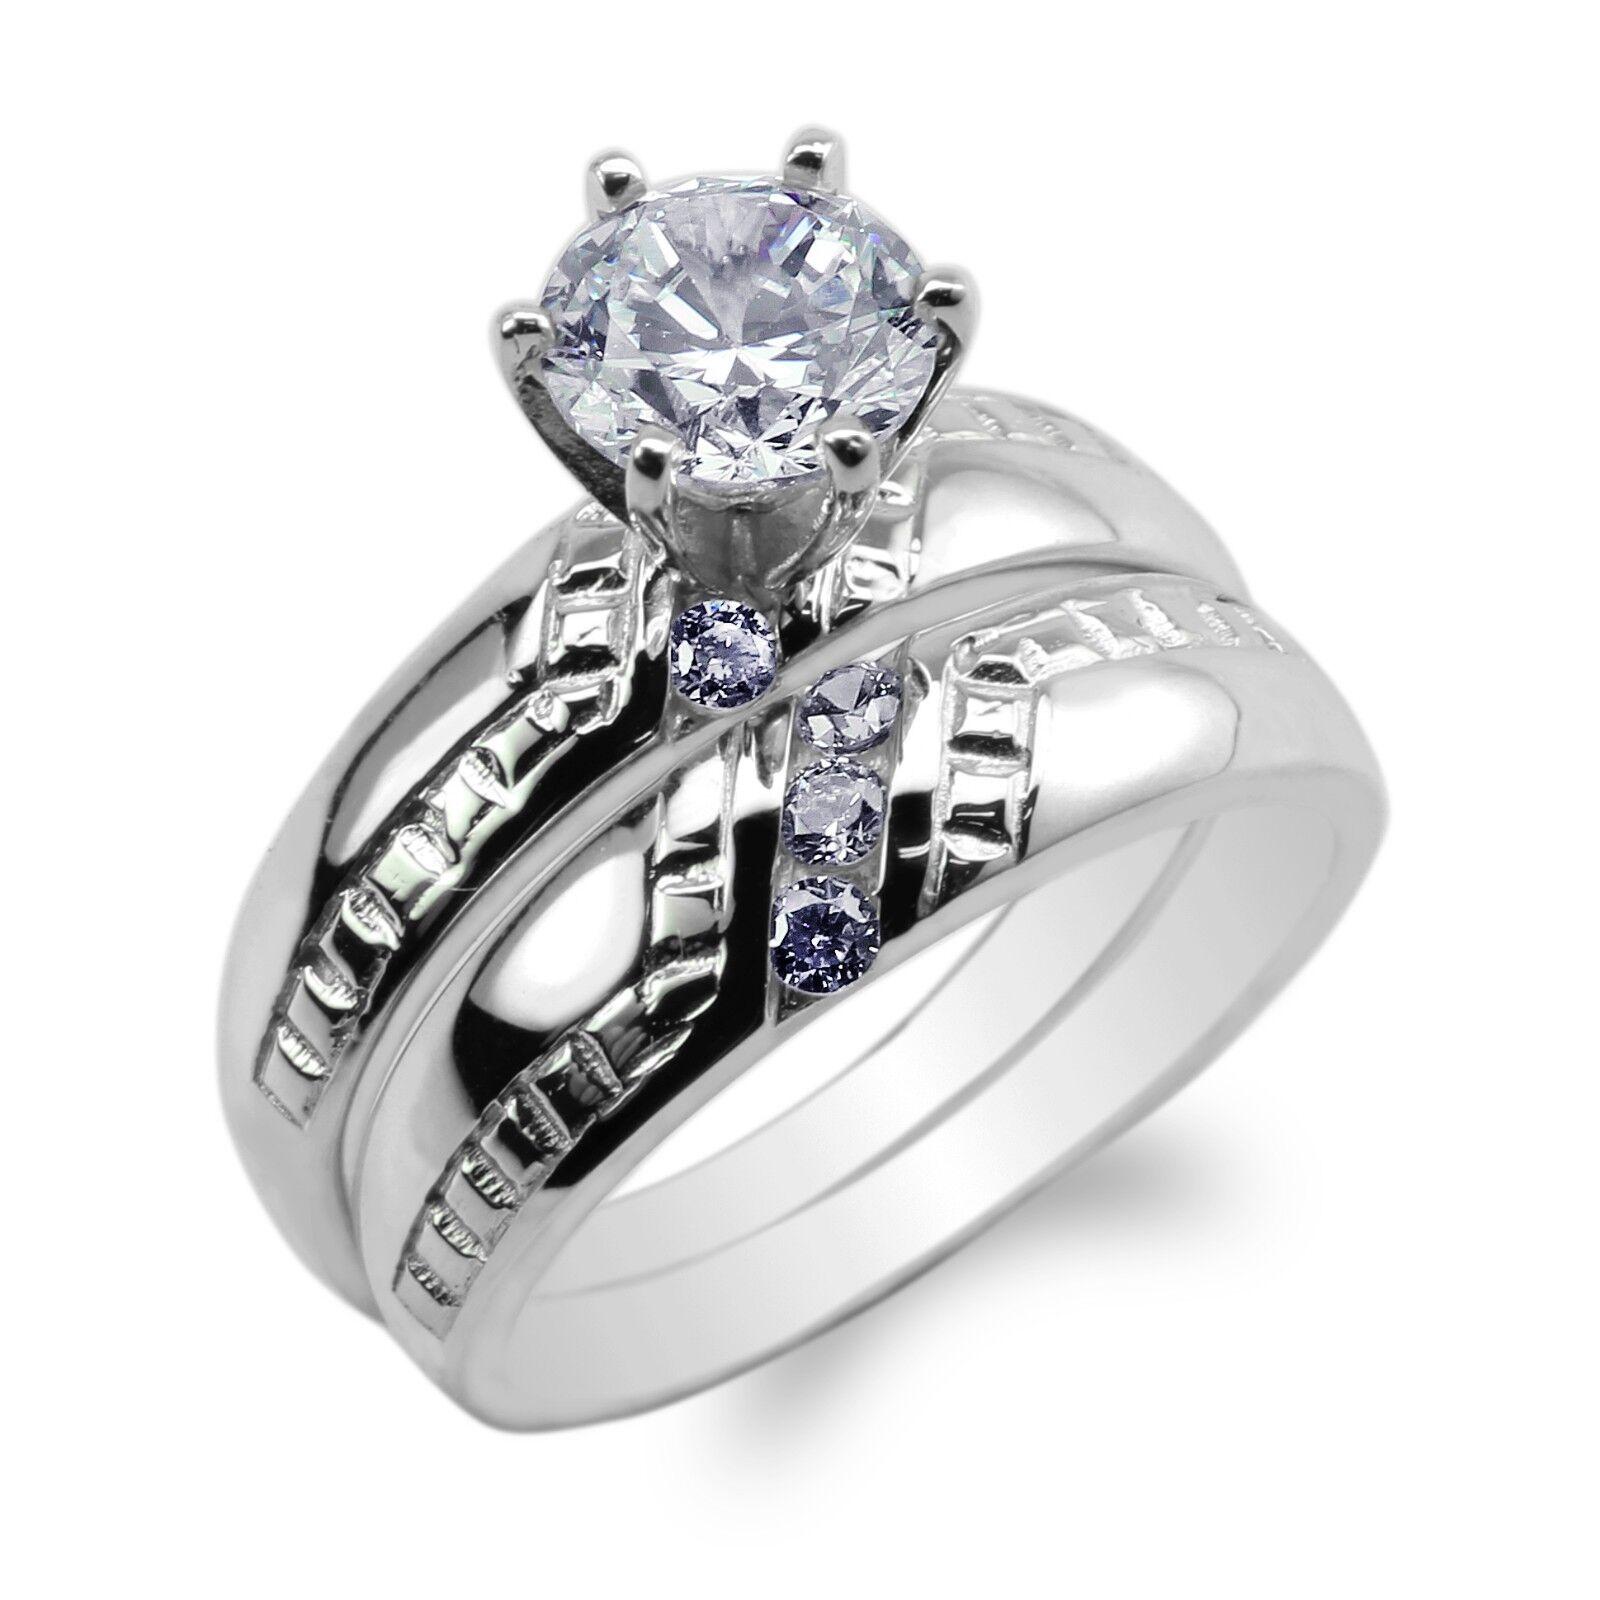 Womens Duo Set 10K 14K White gold Round CZ Stylish Engagement Ring Size 4-9